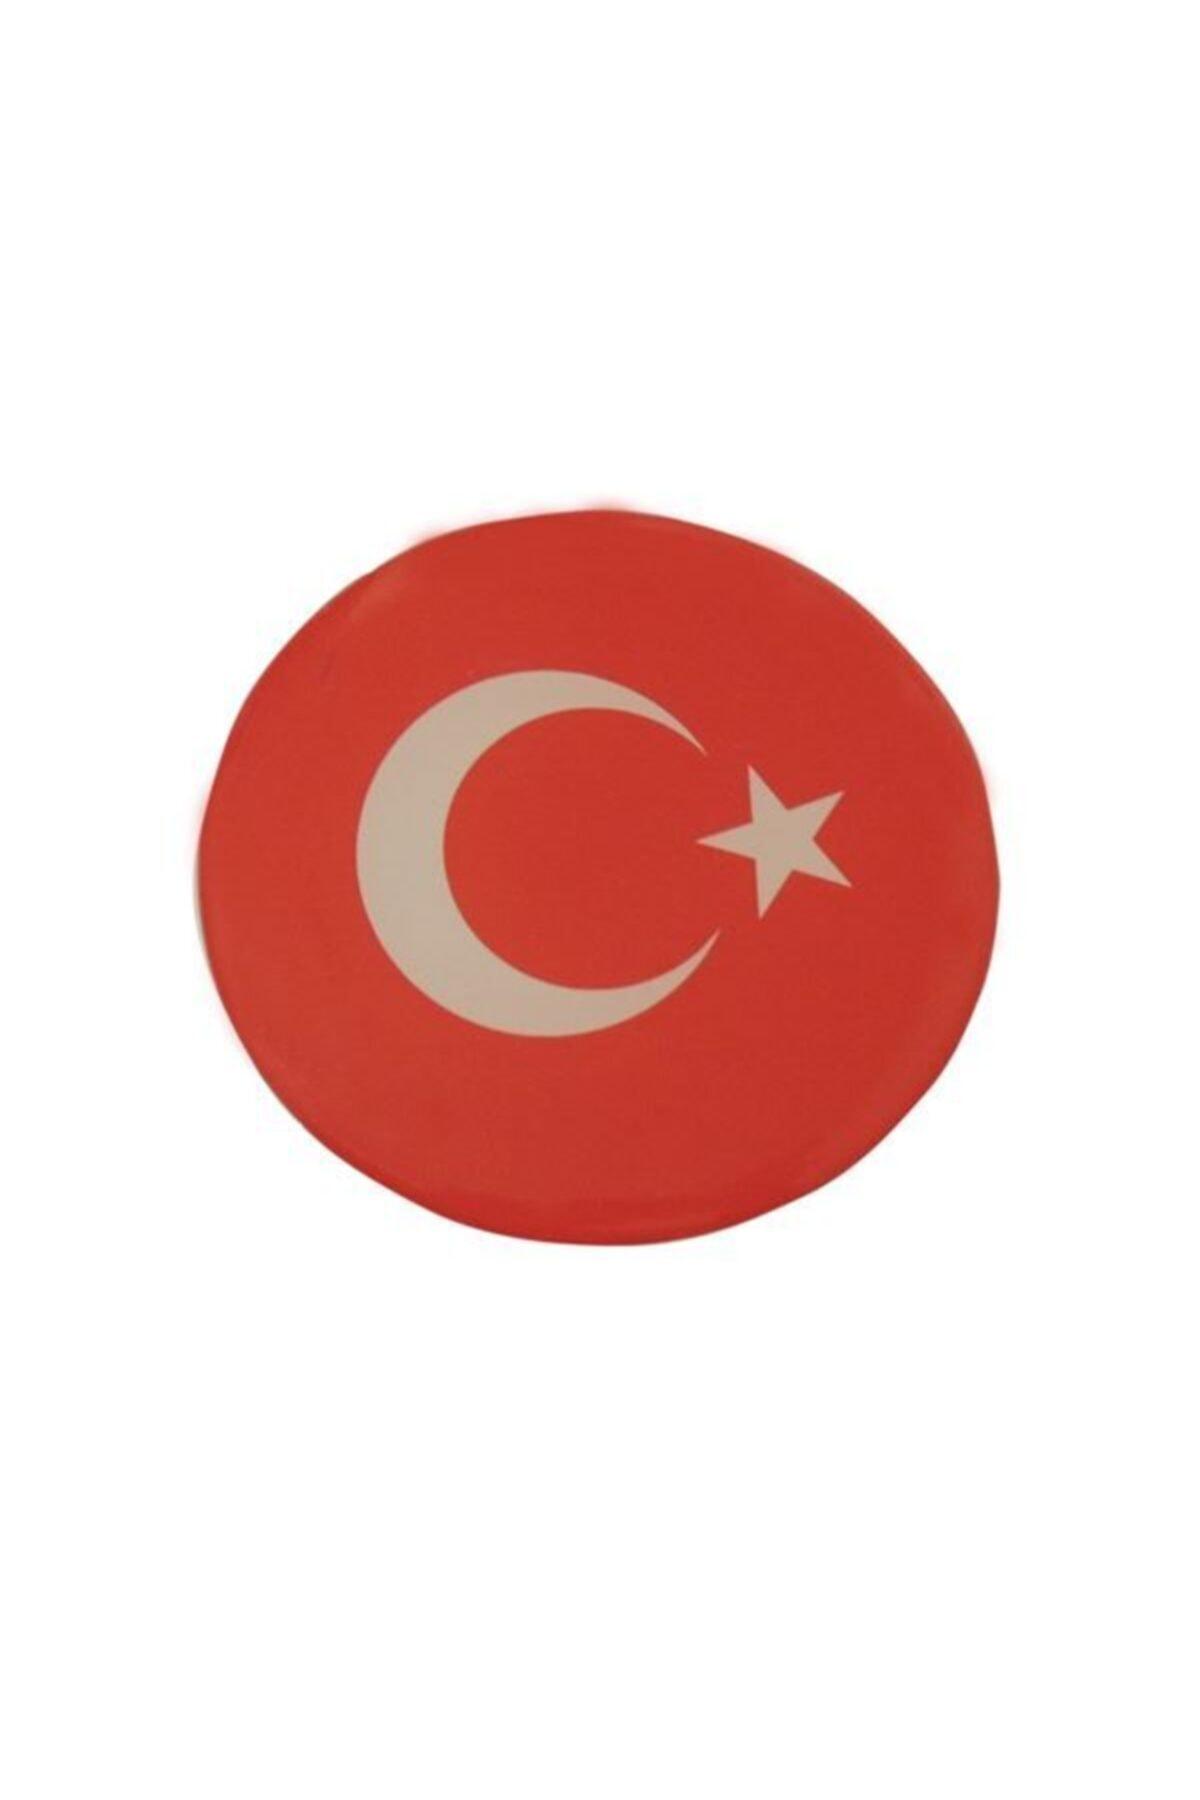 Automix Türk Bayrağı Sticker Damla Çıkartma-etiket 3d 1 Ad 1